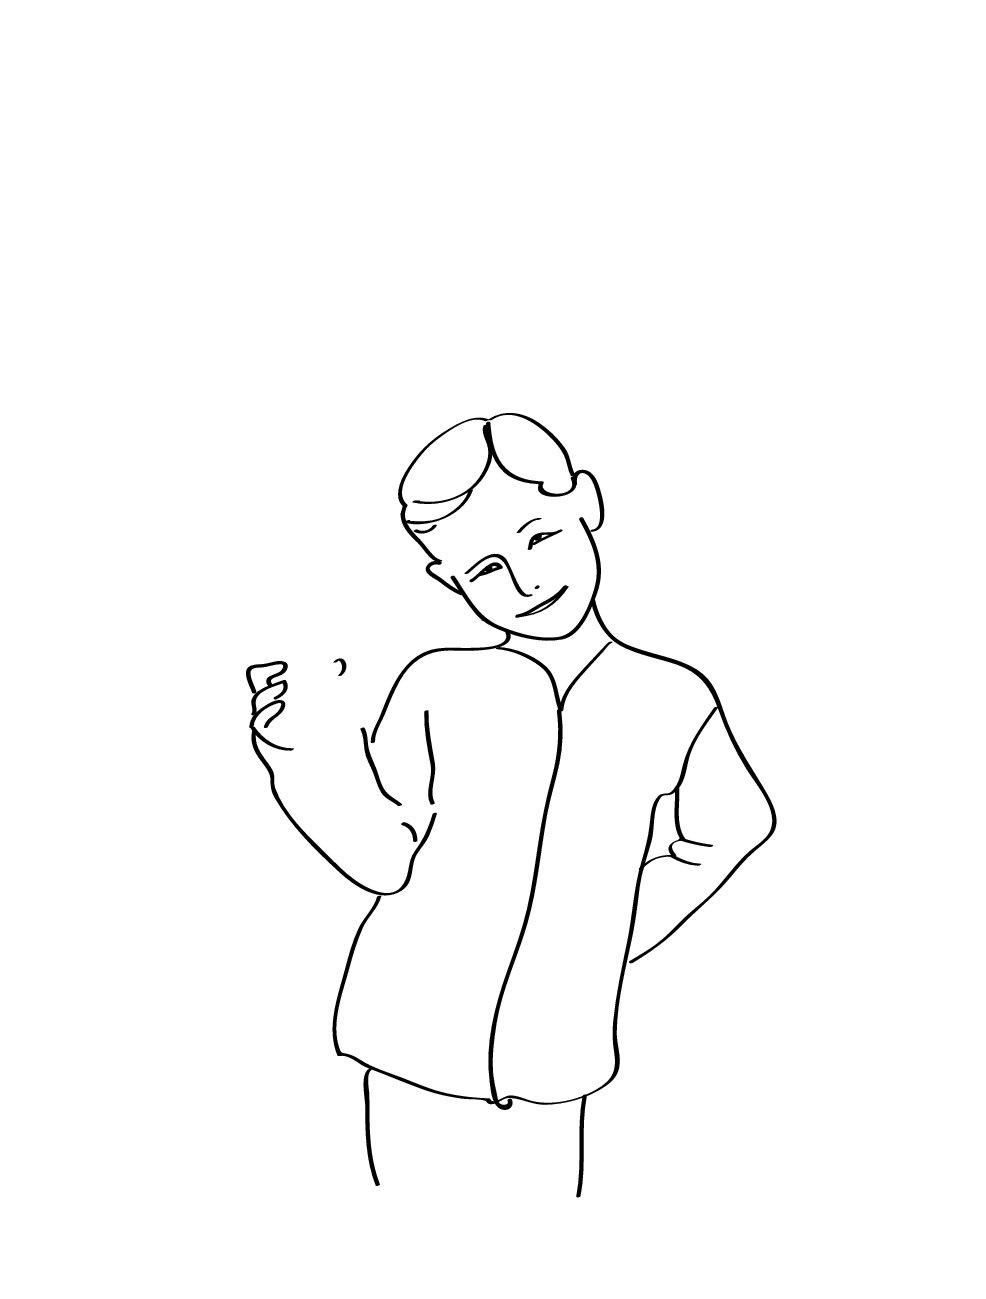 Дорисовать рисунок смешной, врач